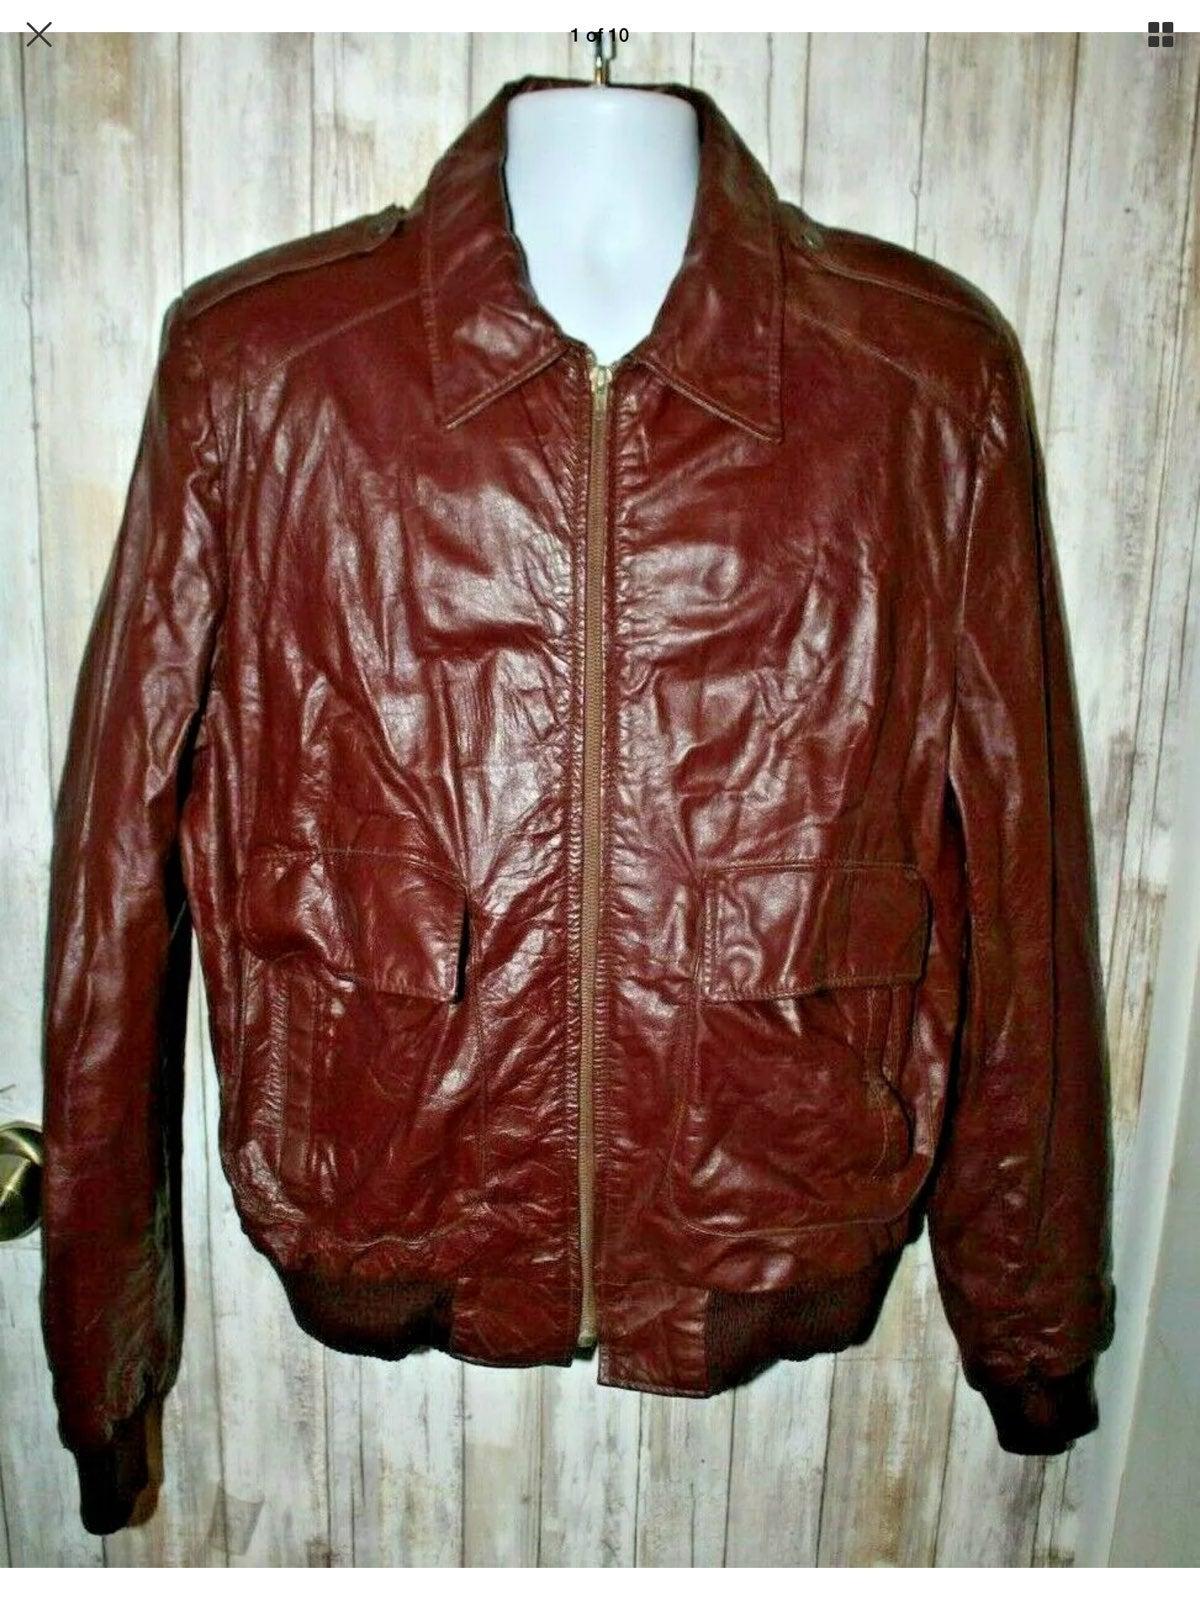 Vintage Oleg Cassini leather jacket 46